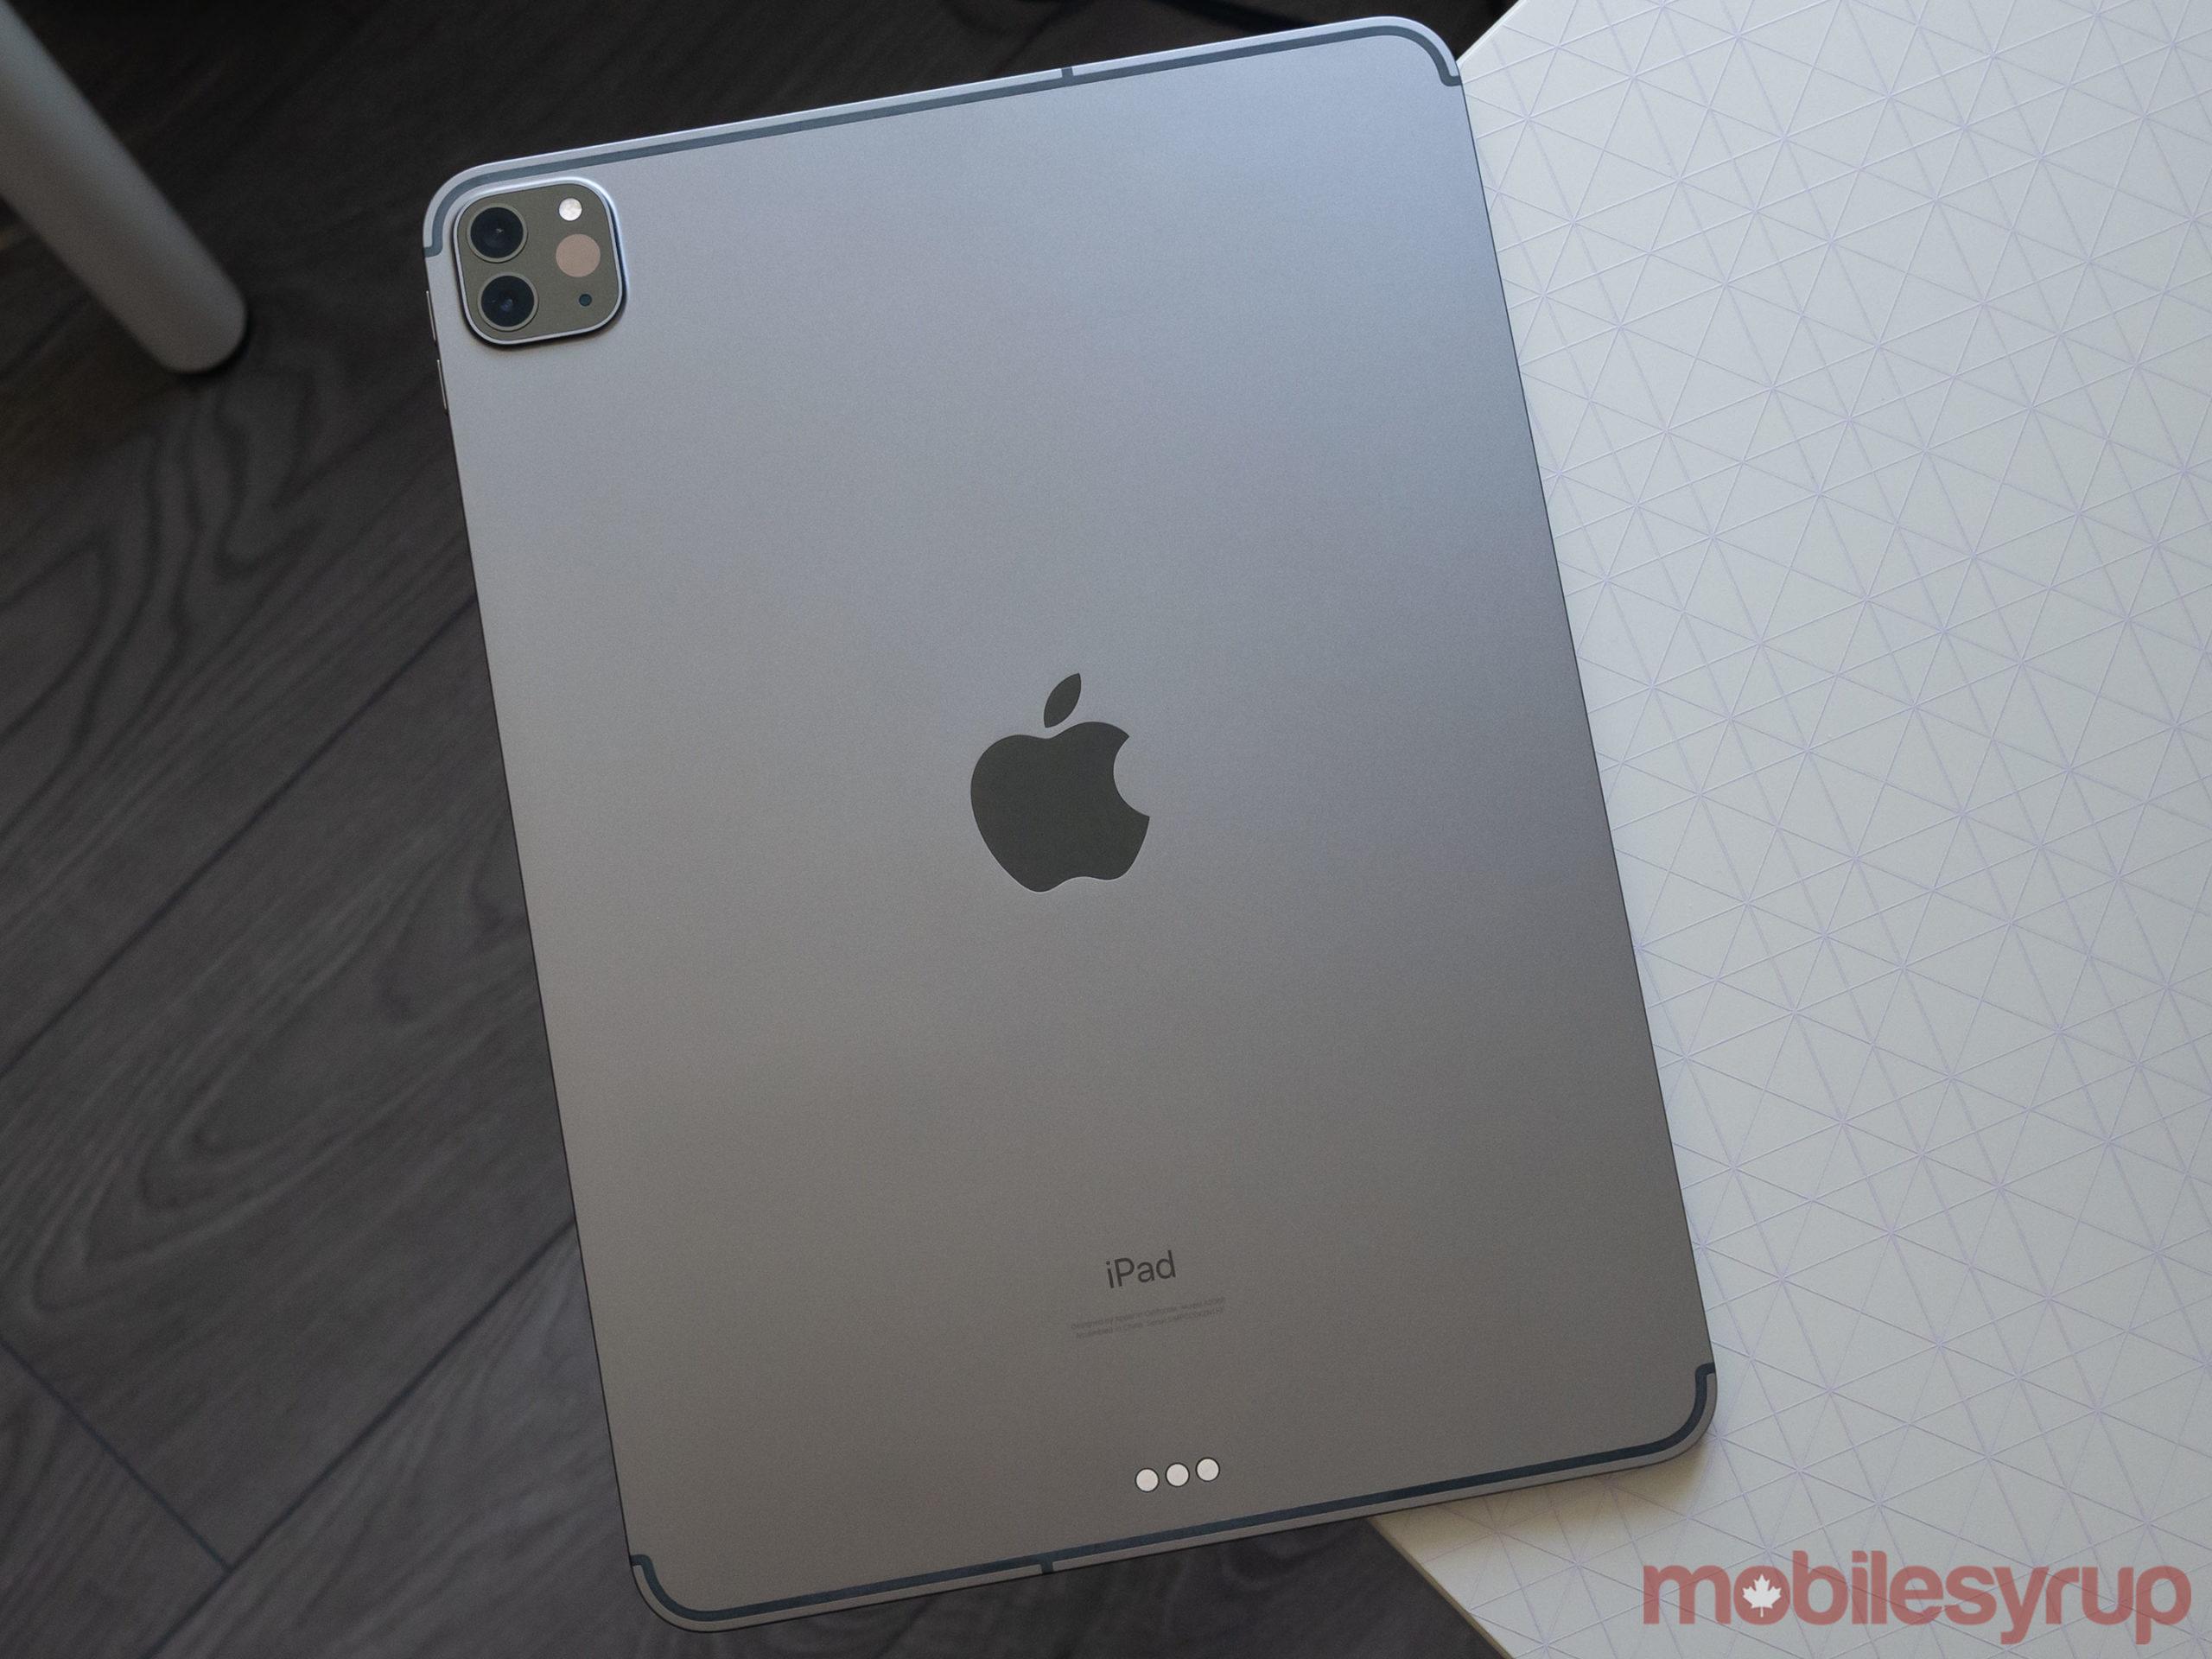 iPad Pro 2020 back